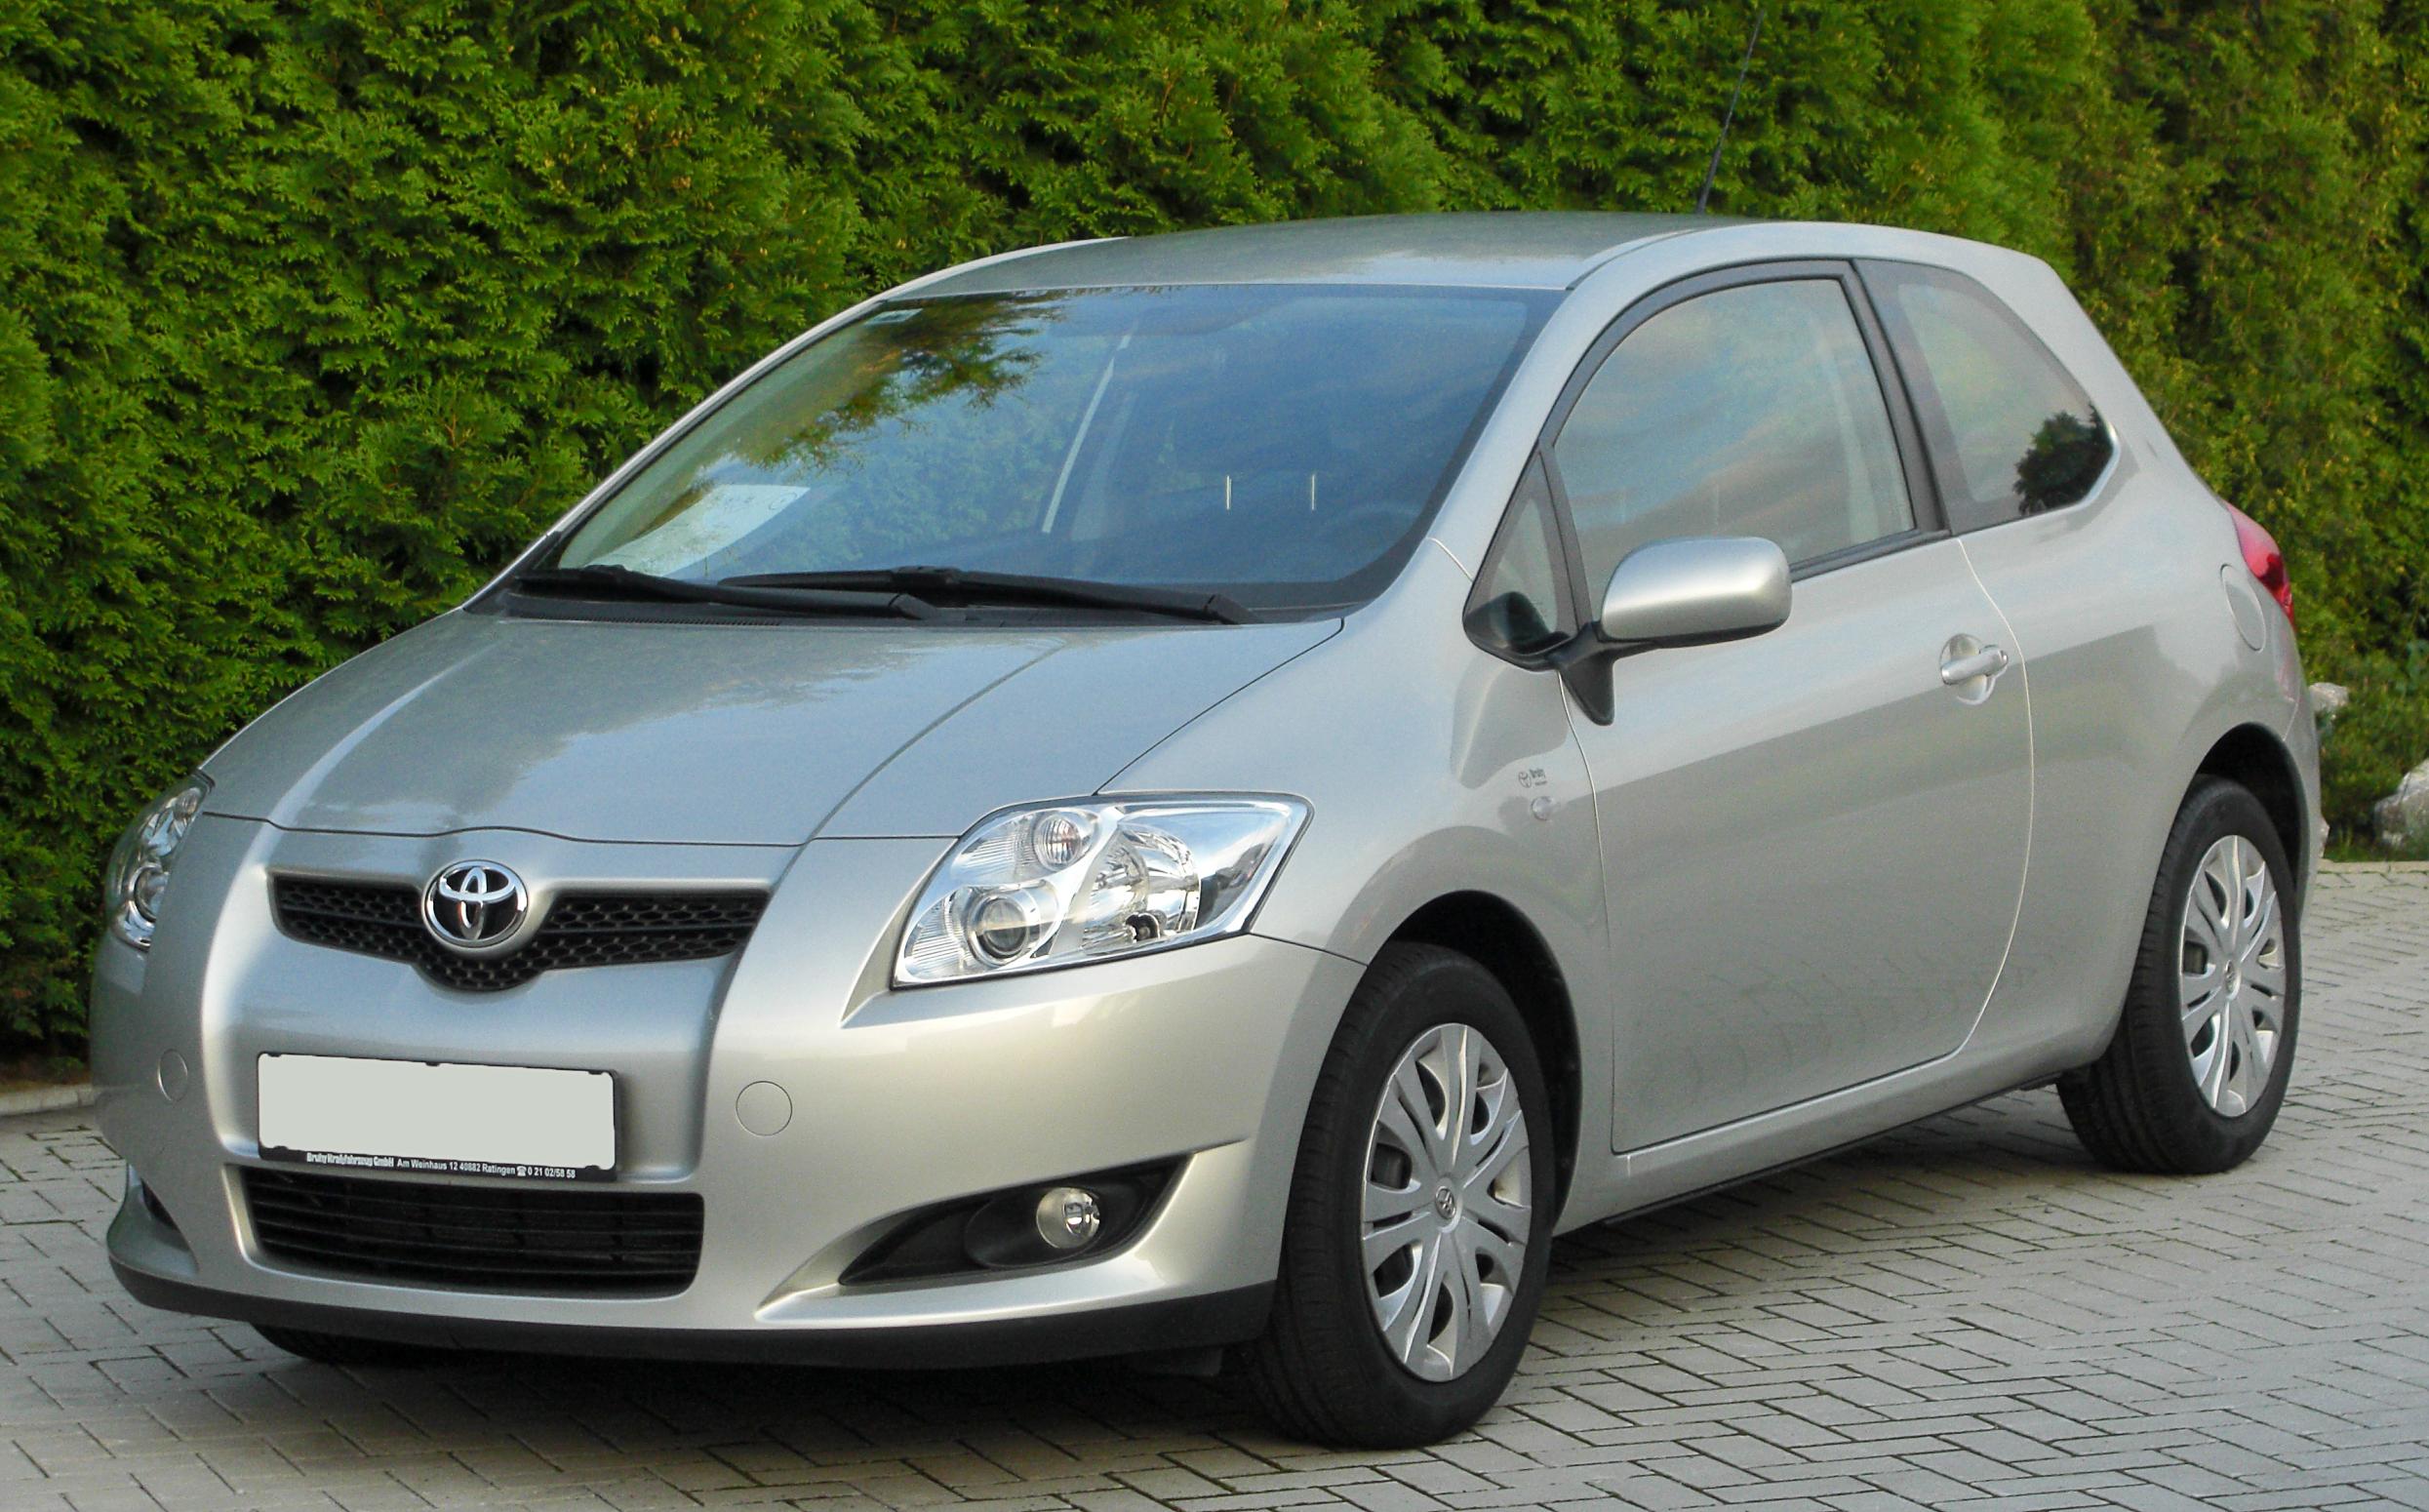 La Auris (2007 à aujourd'hui) Toyotaauris16solfront20